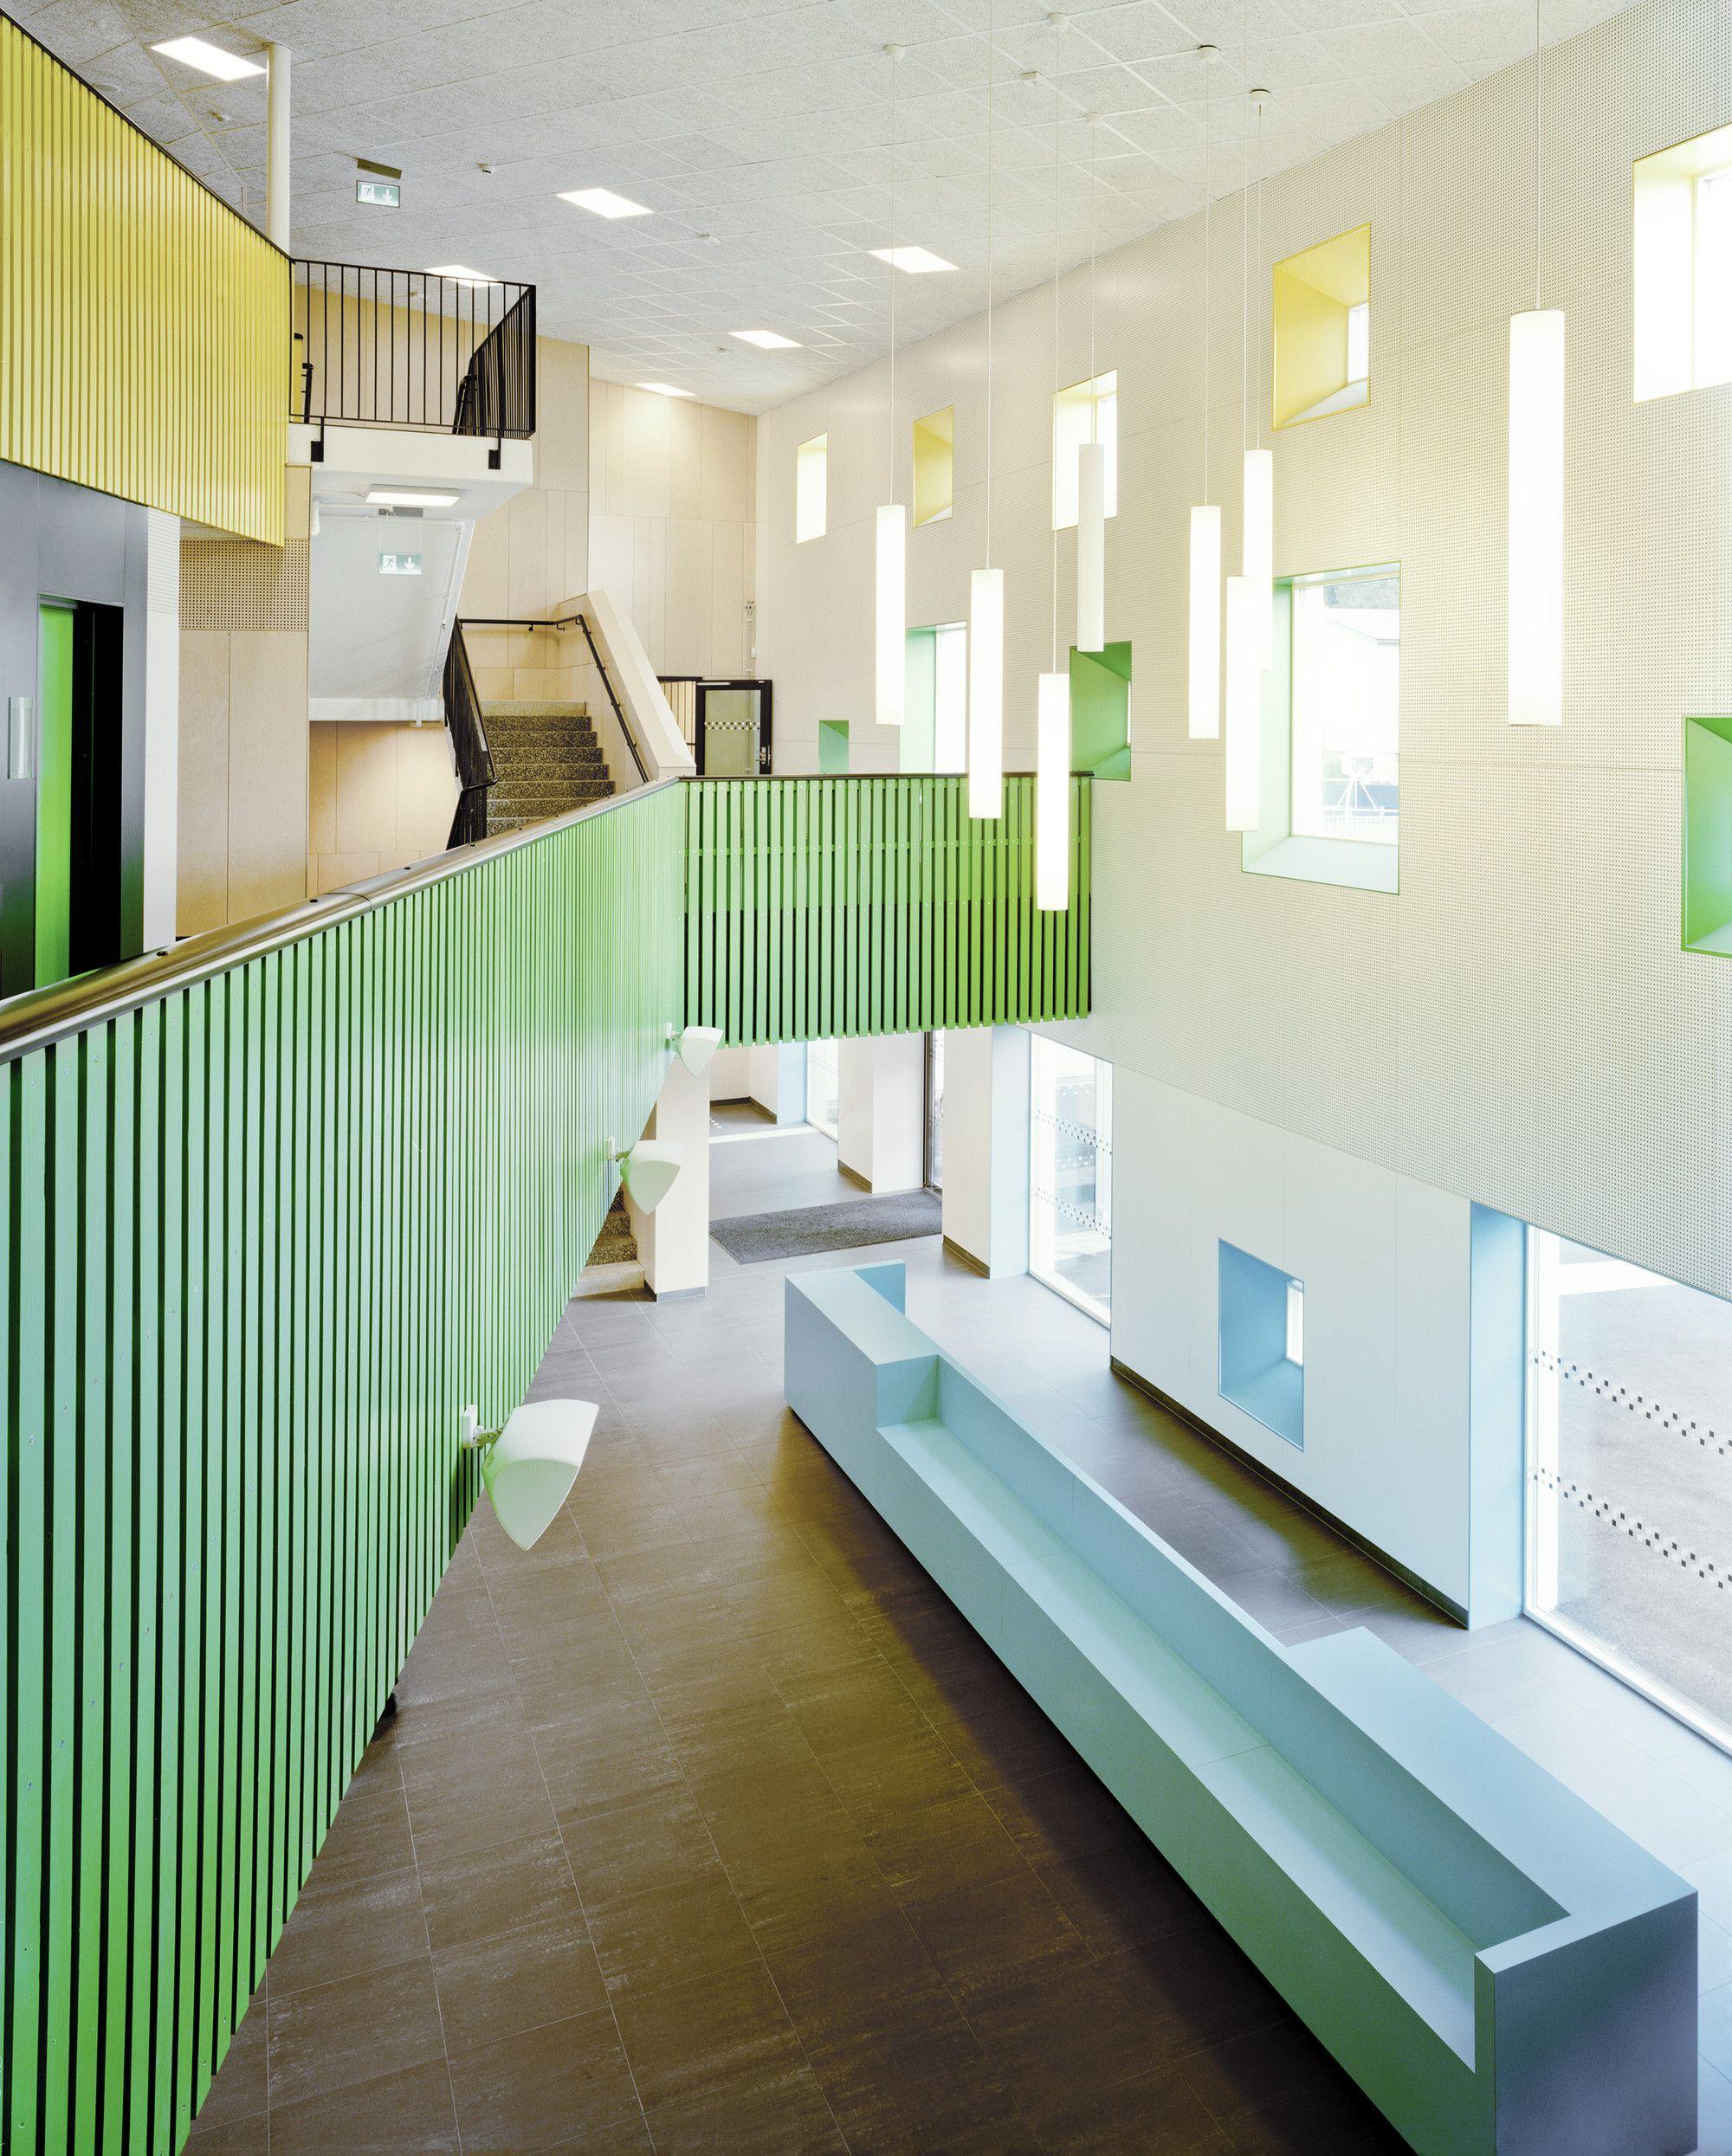 Galer a de escuela kollaskolan kjellgren kaminsky for Innenarchitektur schule